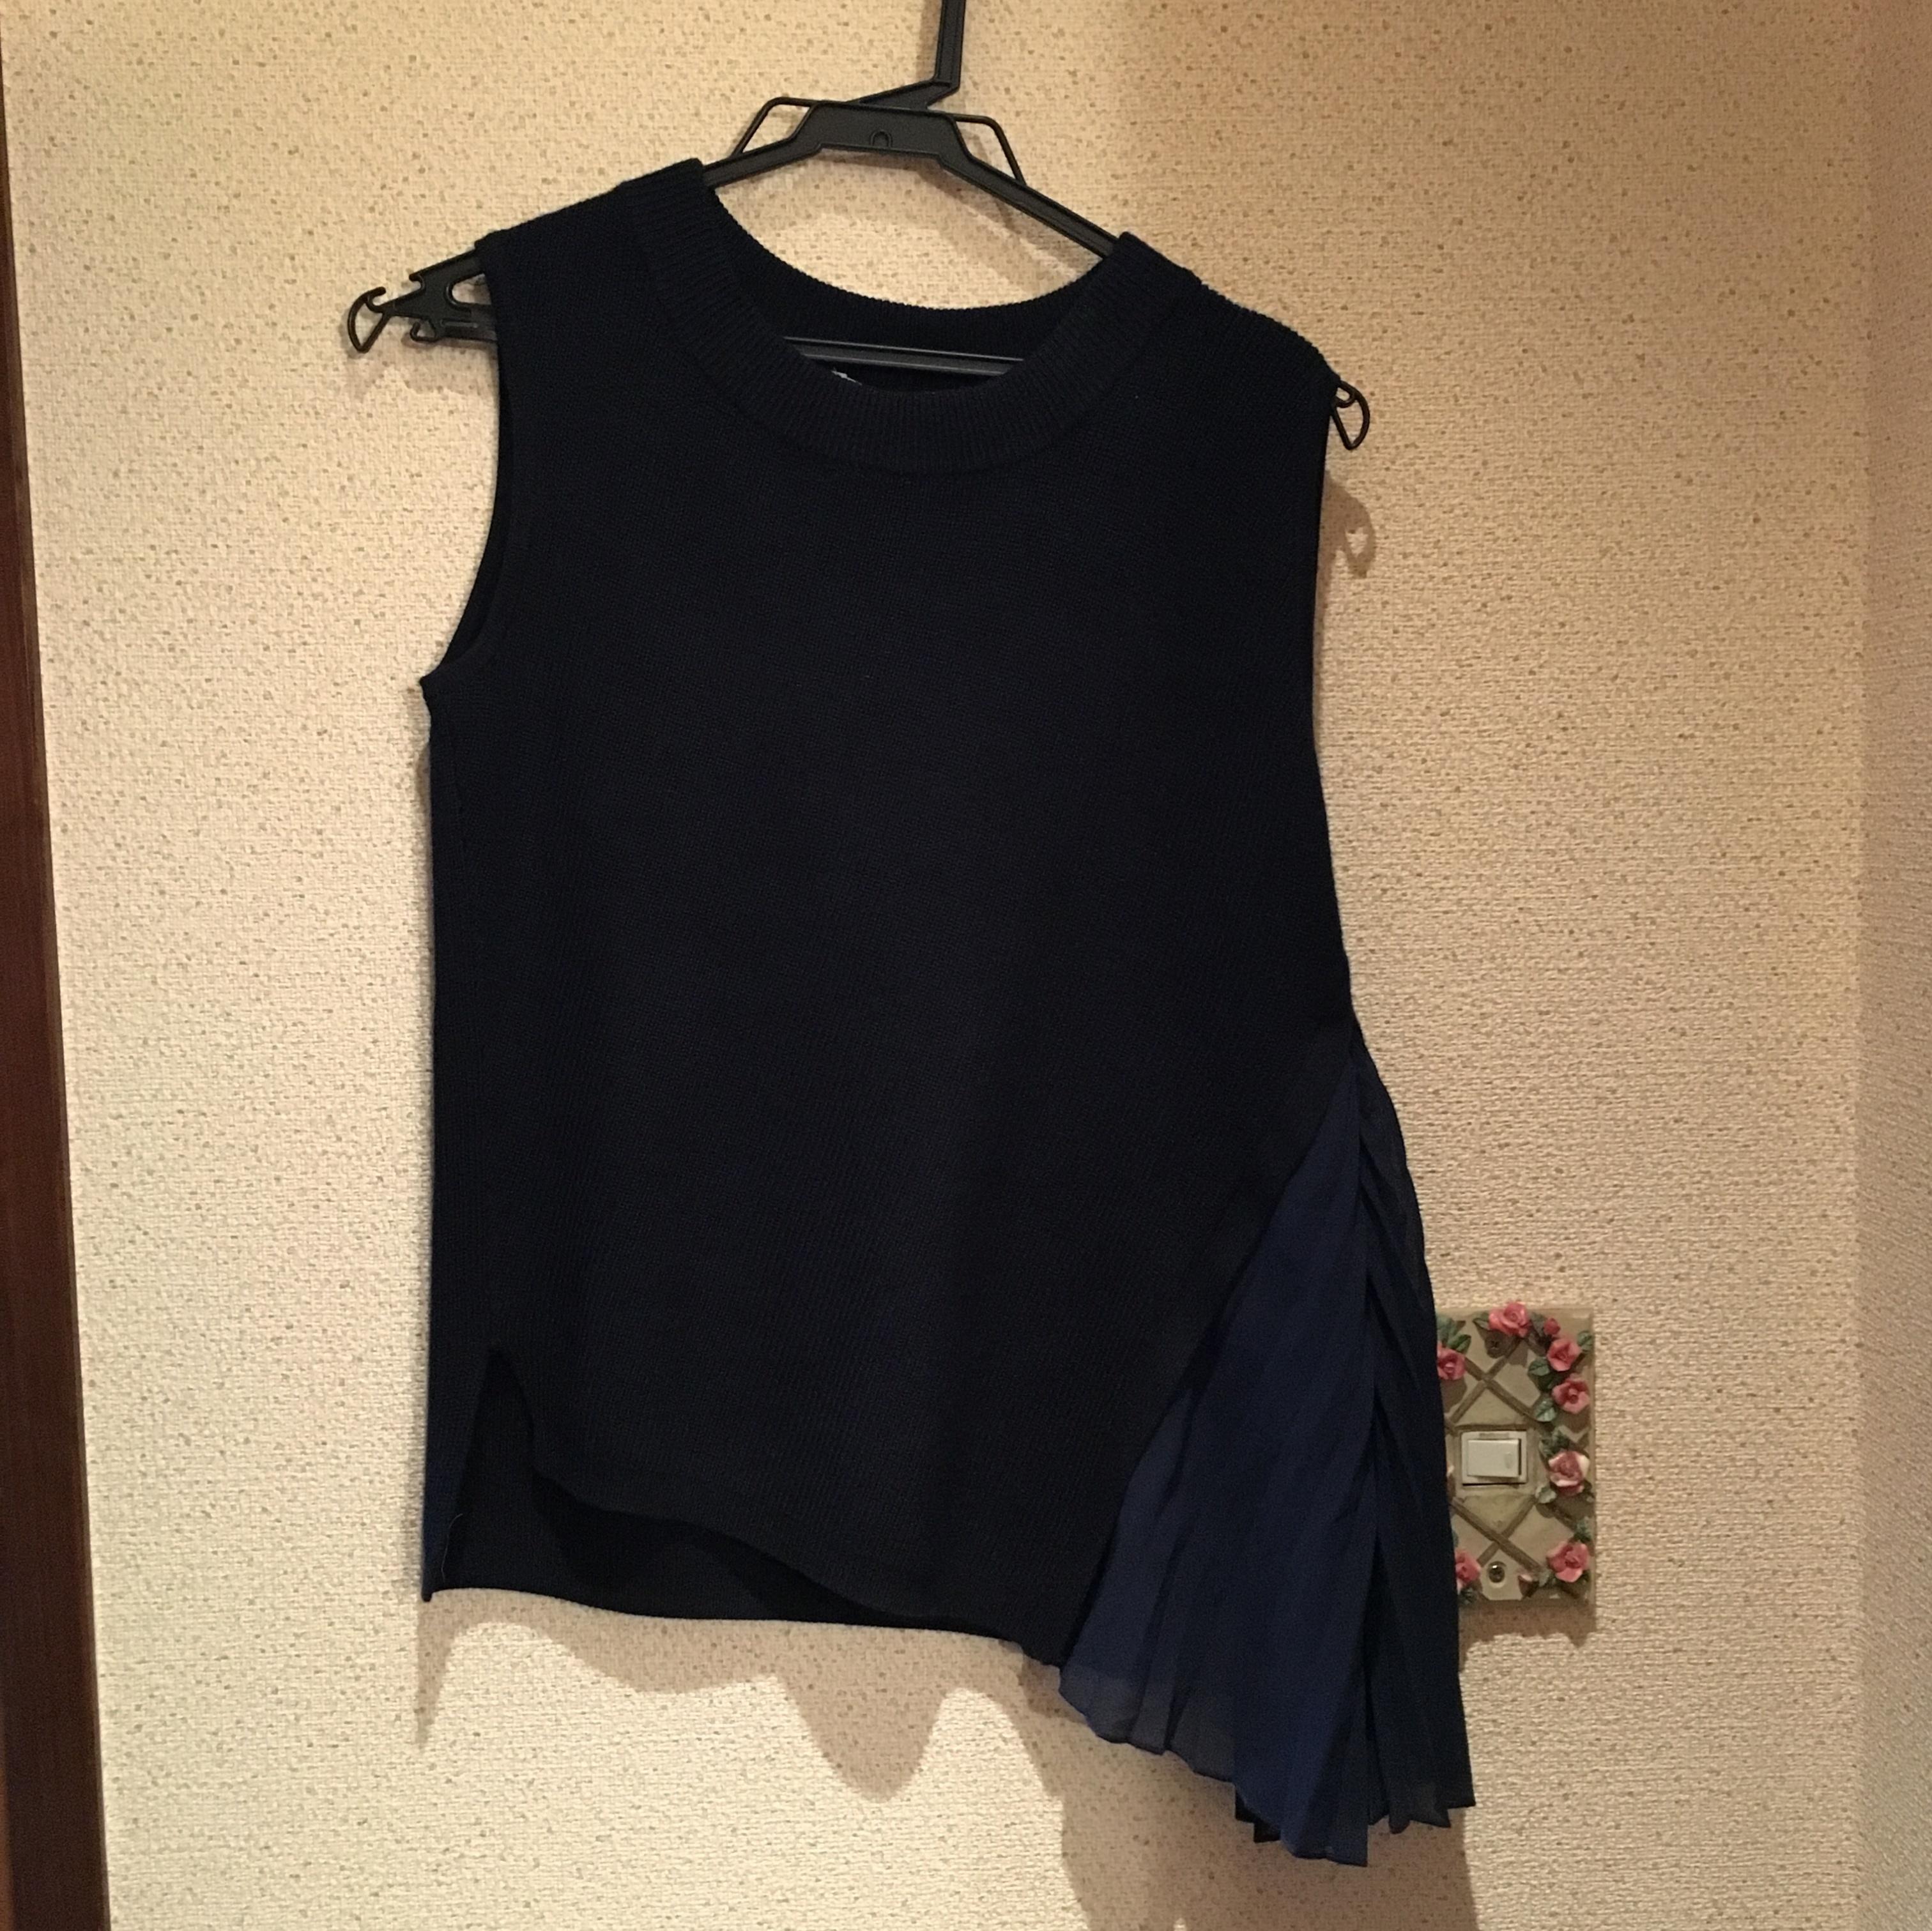 【休日コーデ】白パンツ×紺色トップス_2